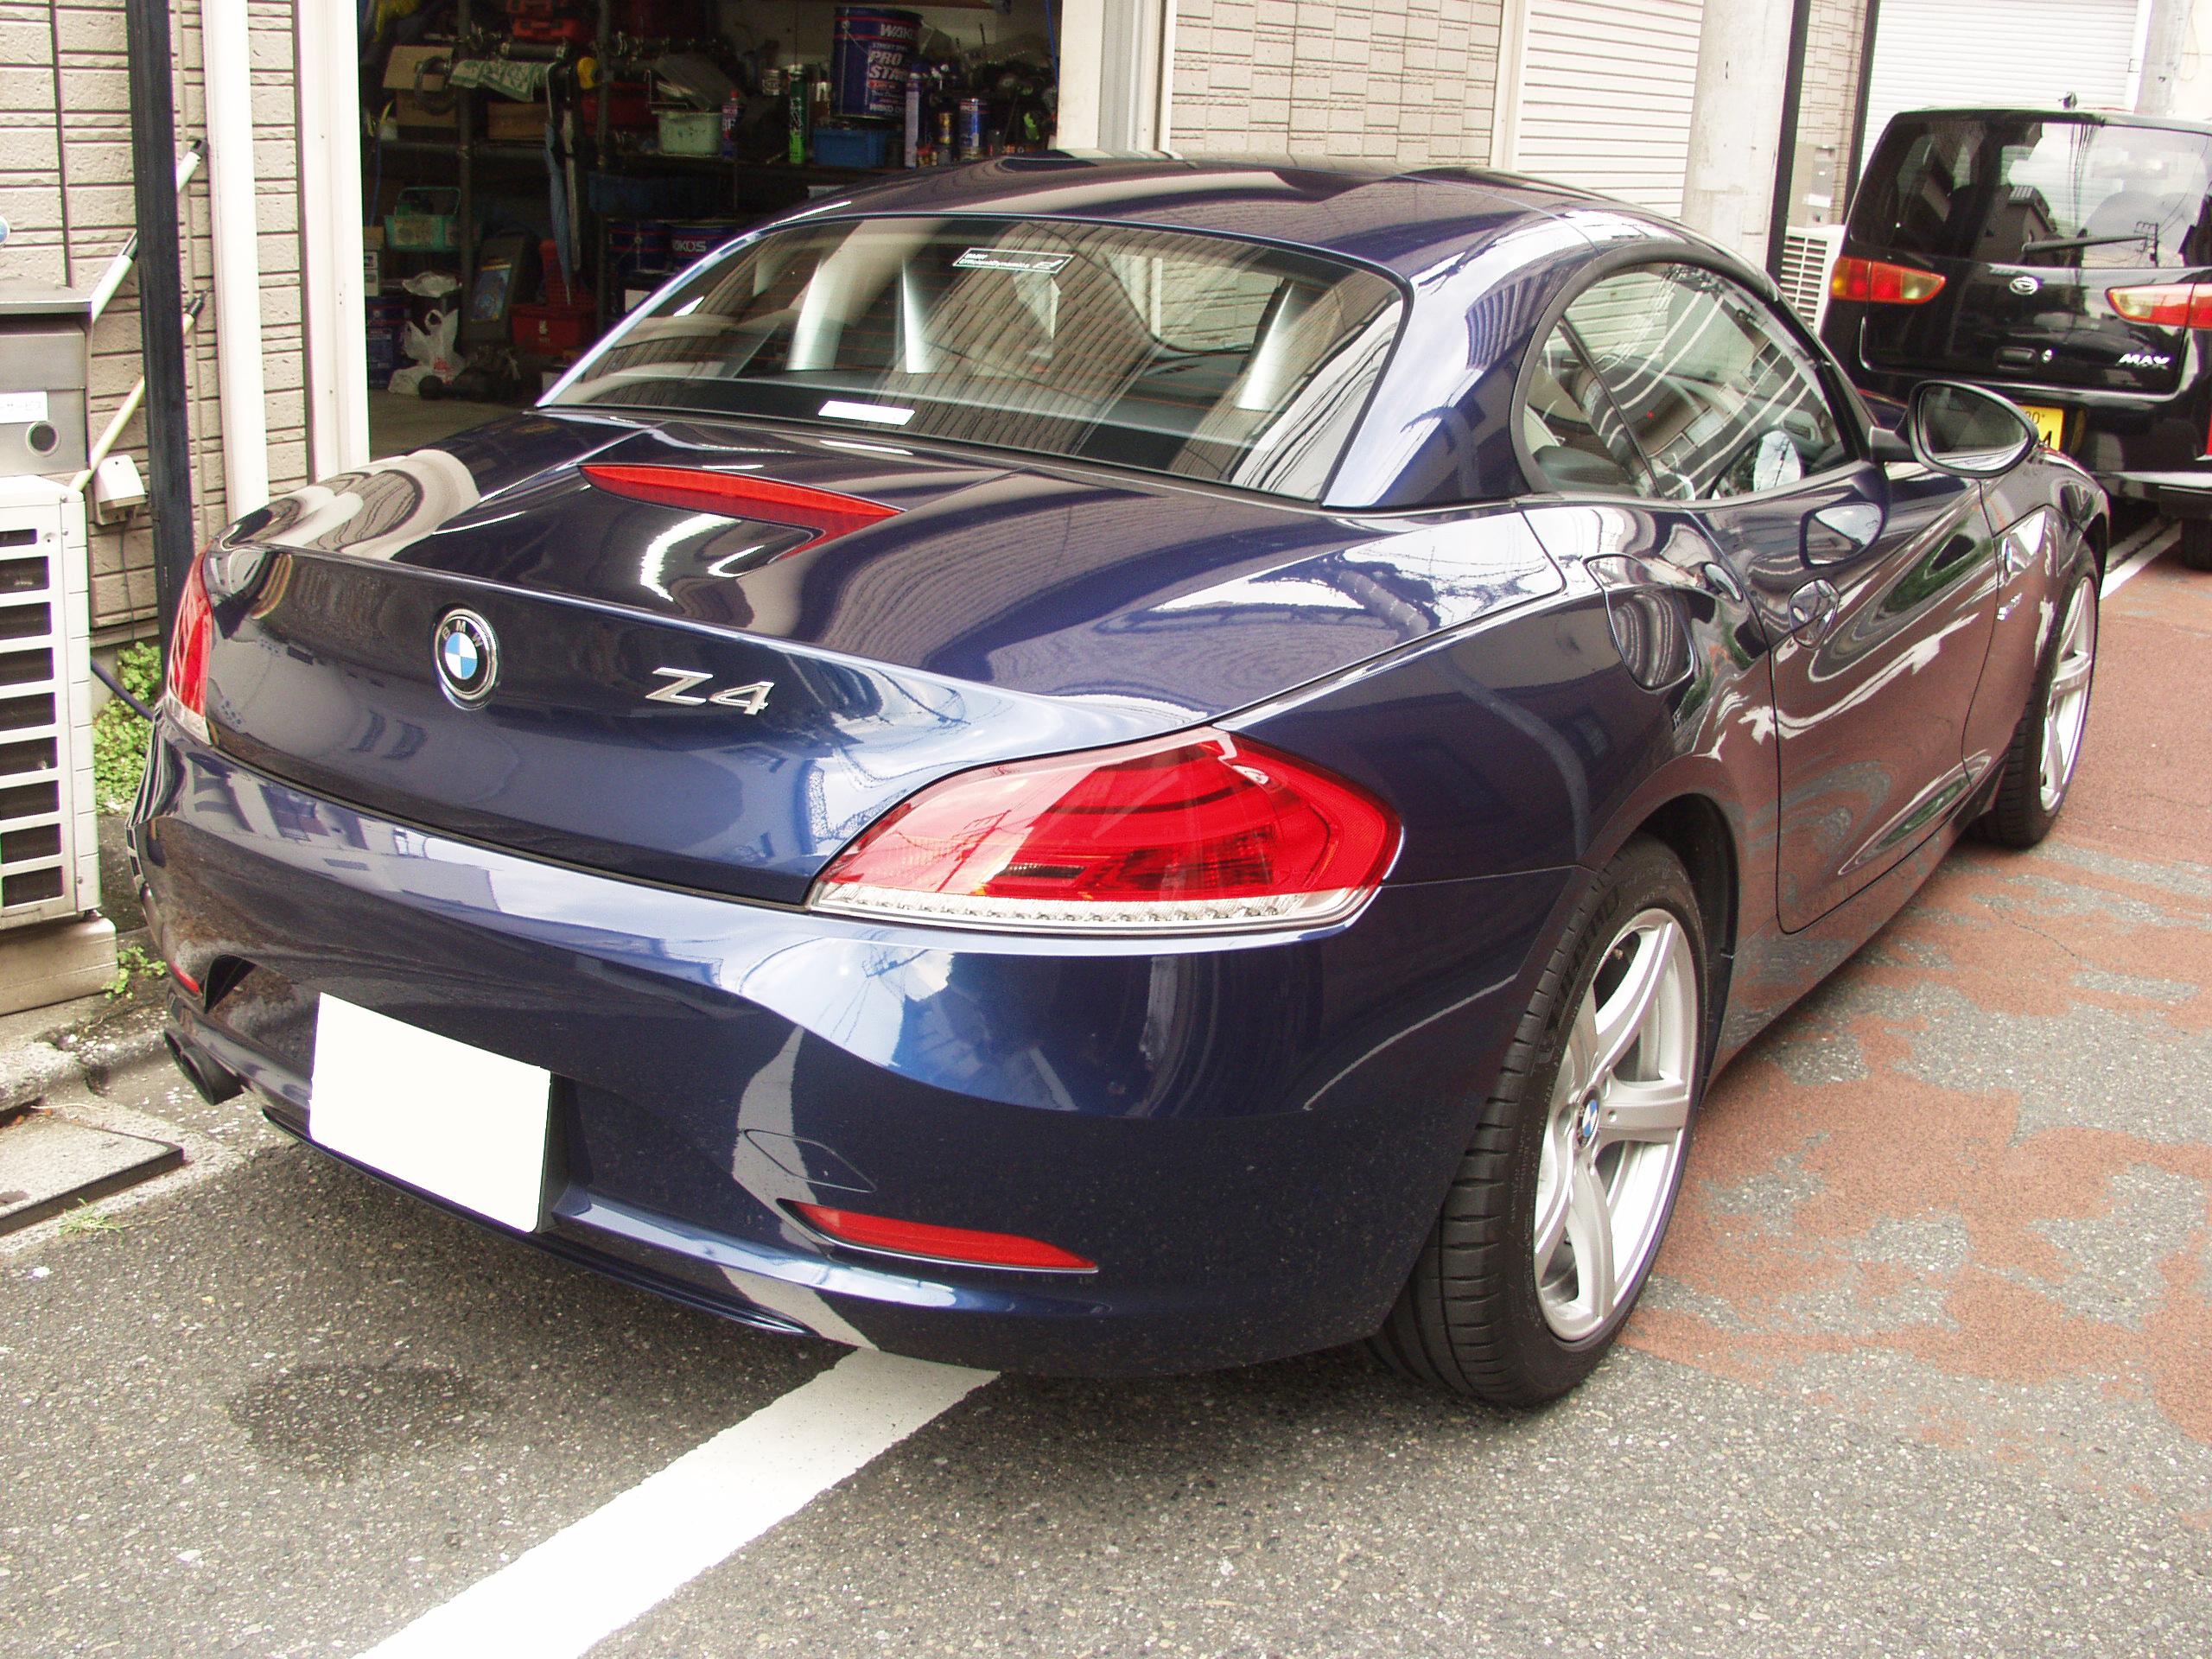 BMW E89 Z4 右後方の画像